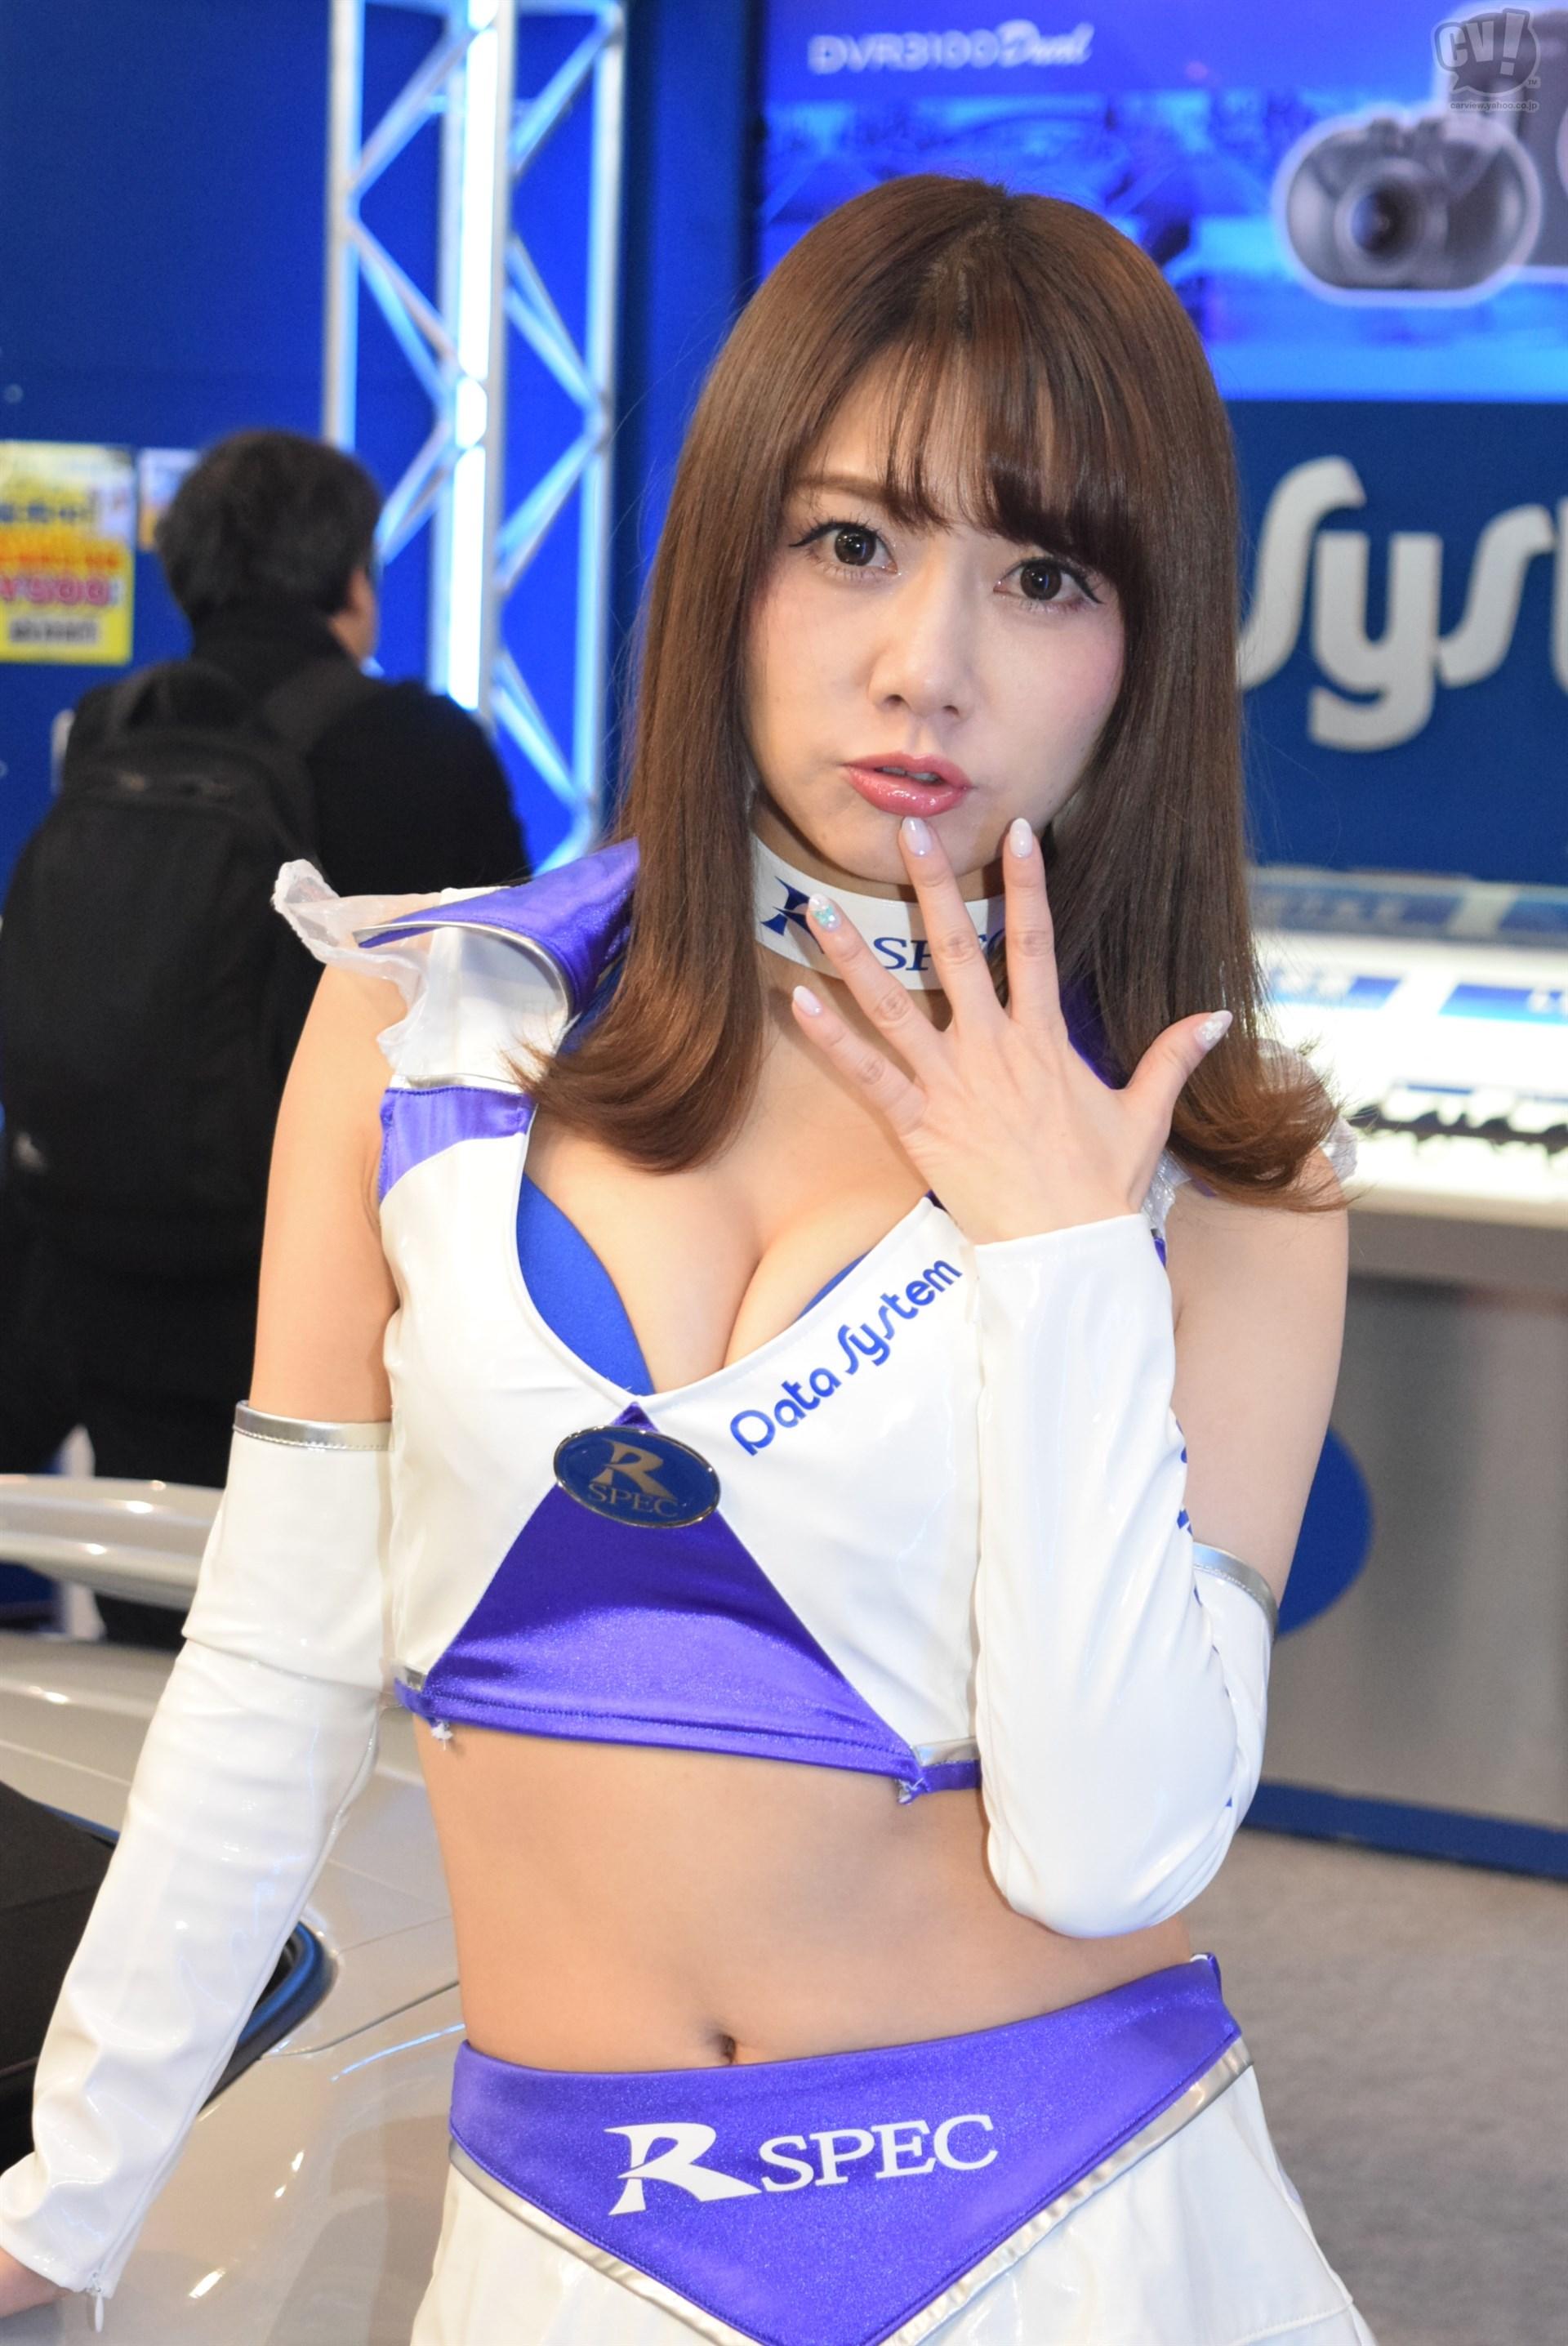 株式会社データシステム vol.01(石橋あこさん)